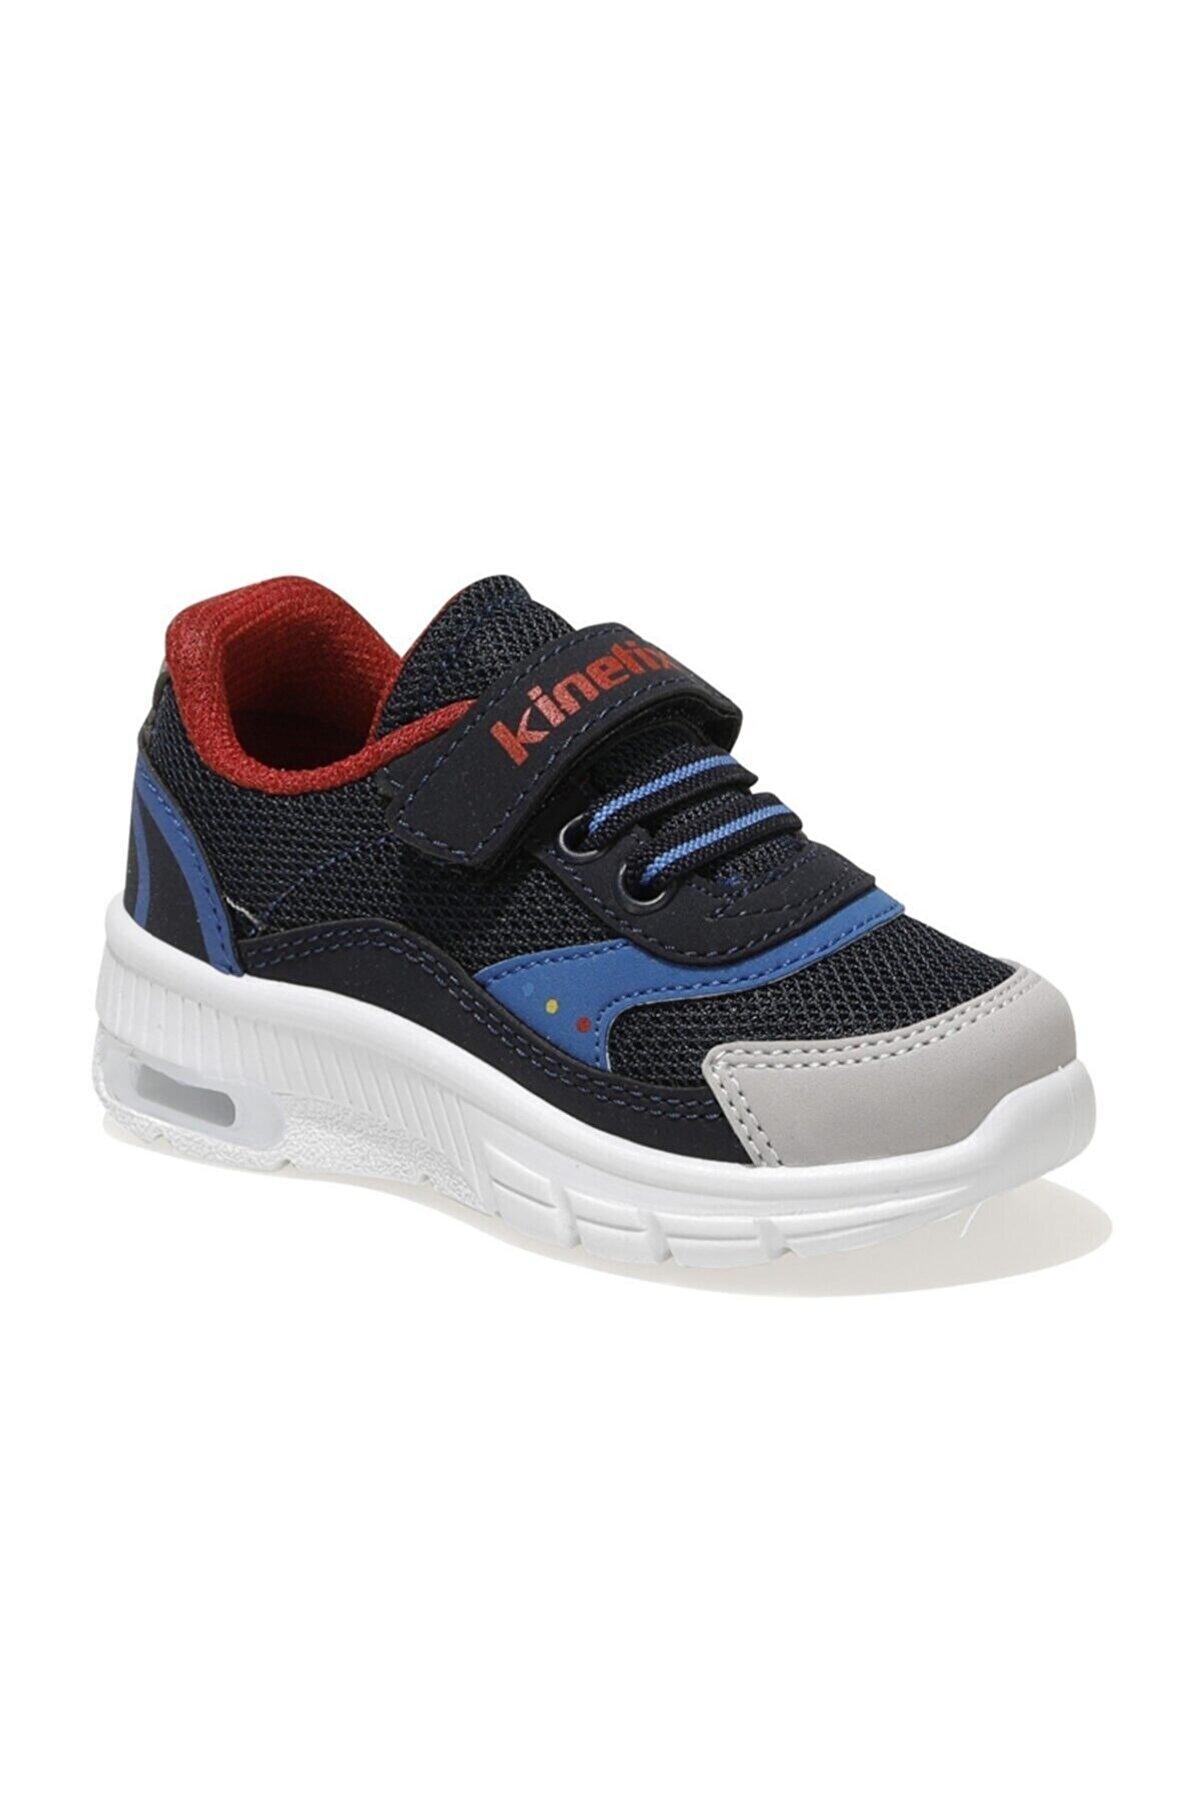 Kinetix VXAR 1FX Lacivert Erkek Çocuk Spor Ayakkabı 100606332